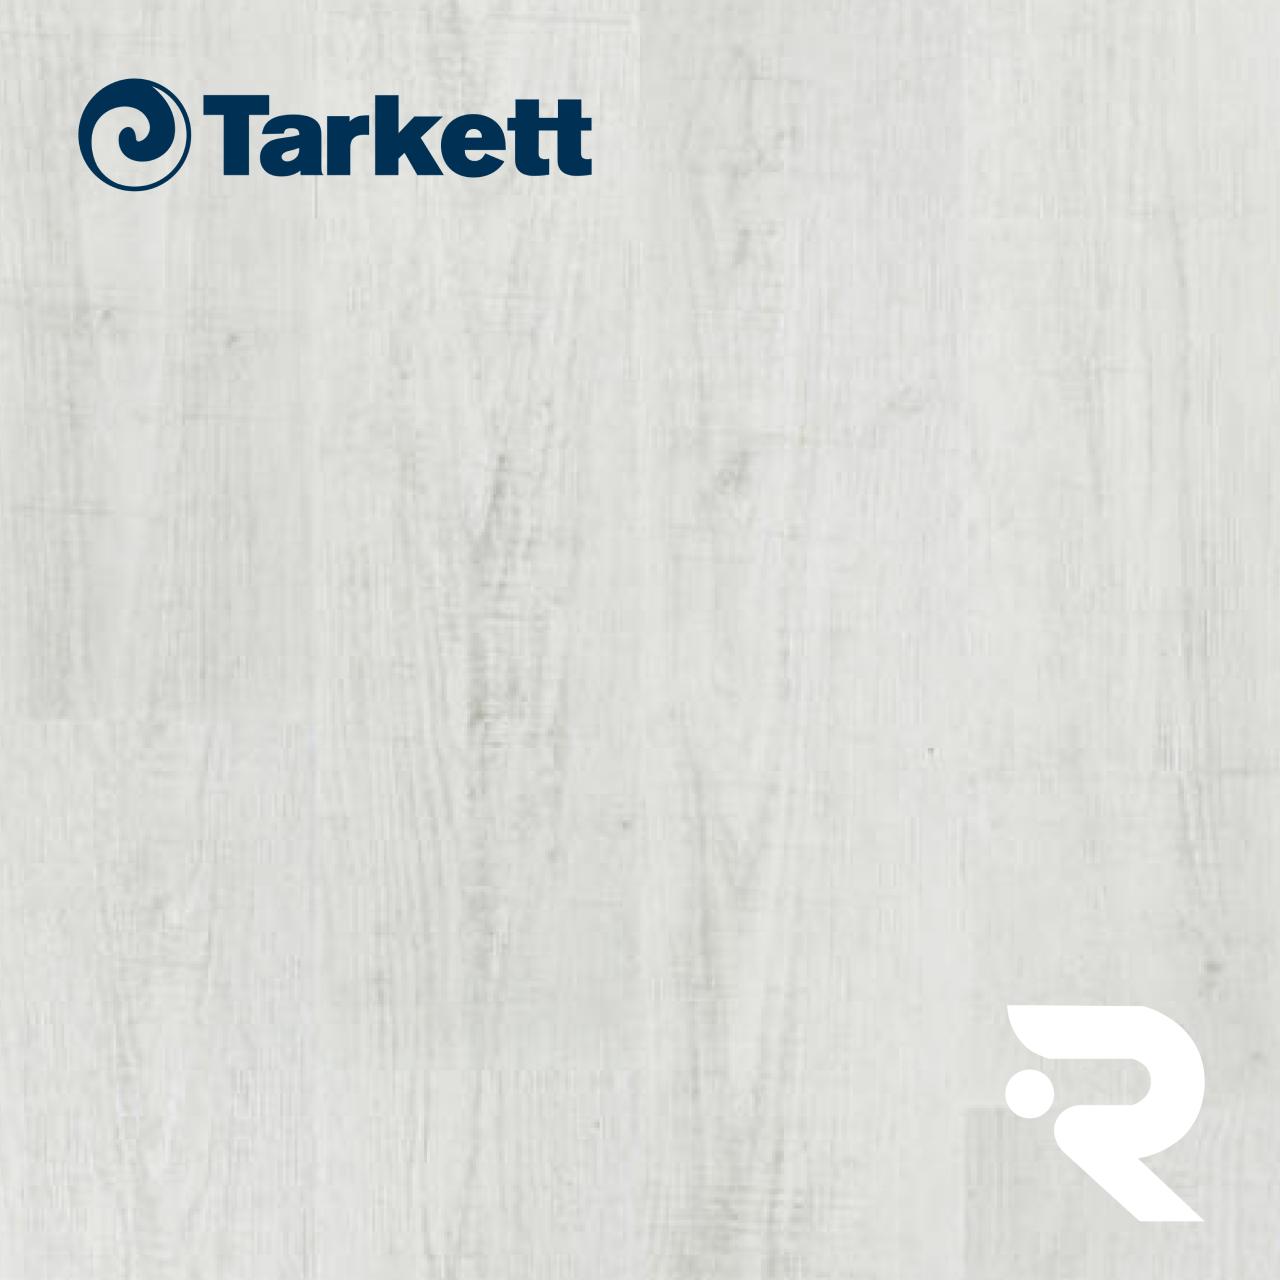 🌳 ПВХ плитка Tarkett | NEW AGE - SERENITY | Art Vinyl | 914 x 152 мм